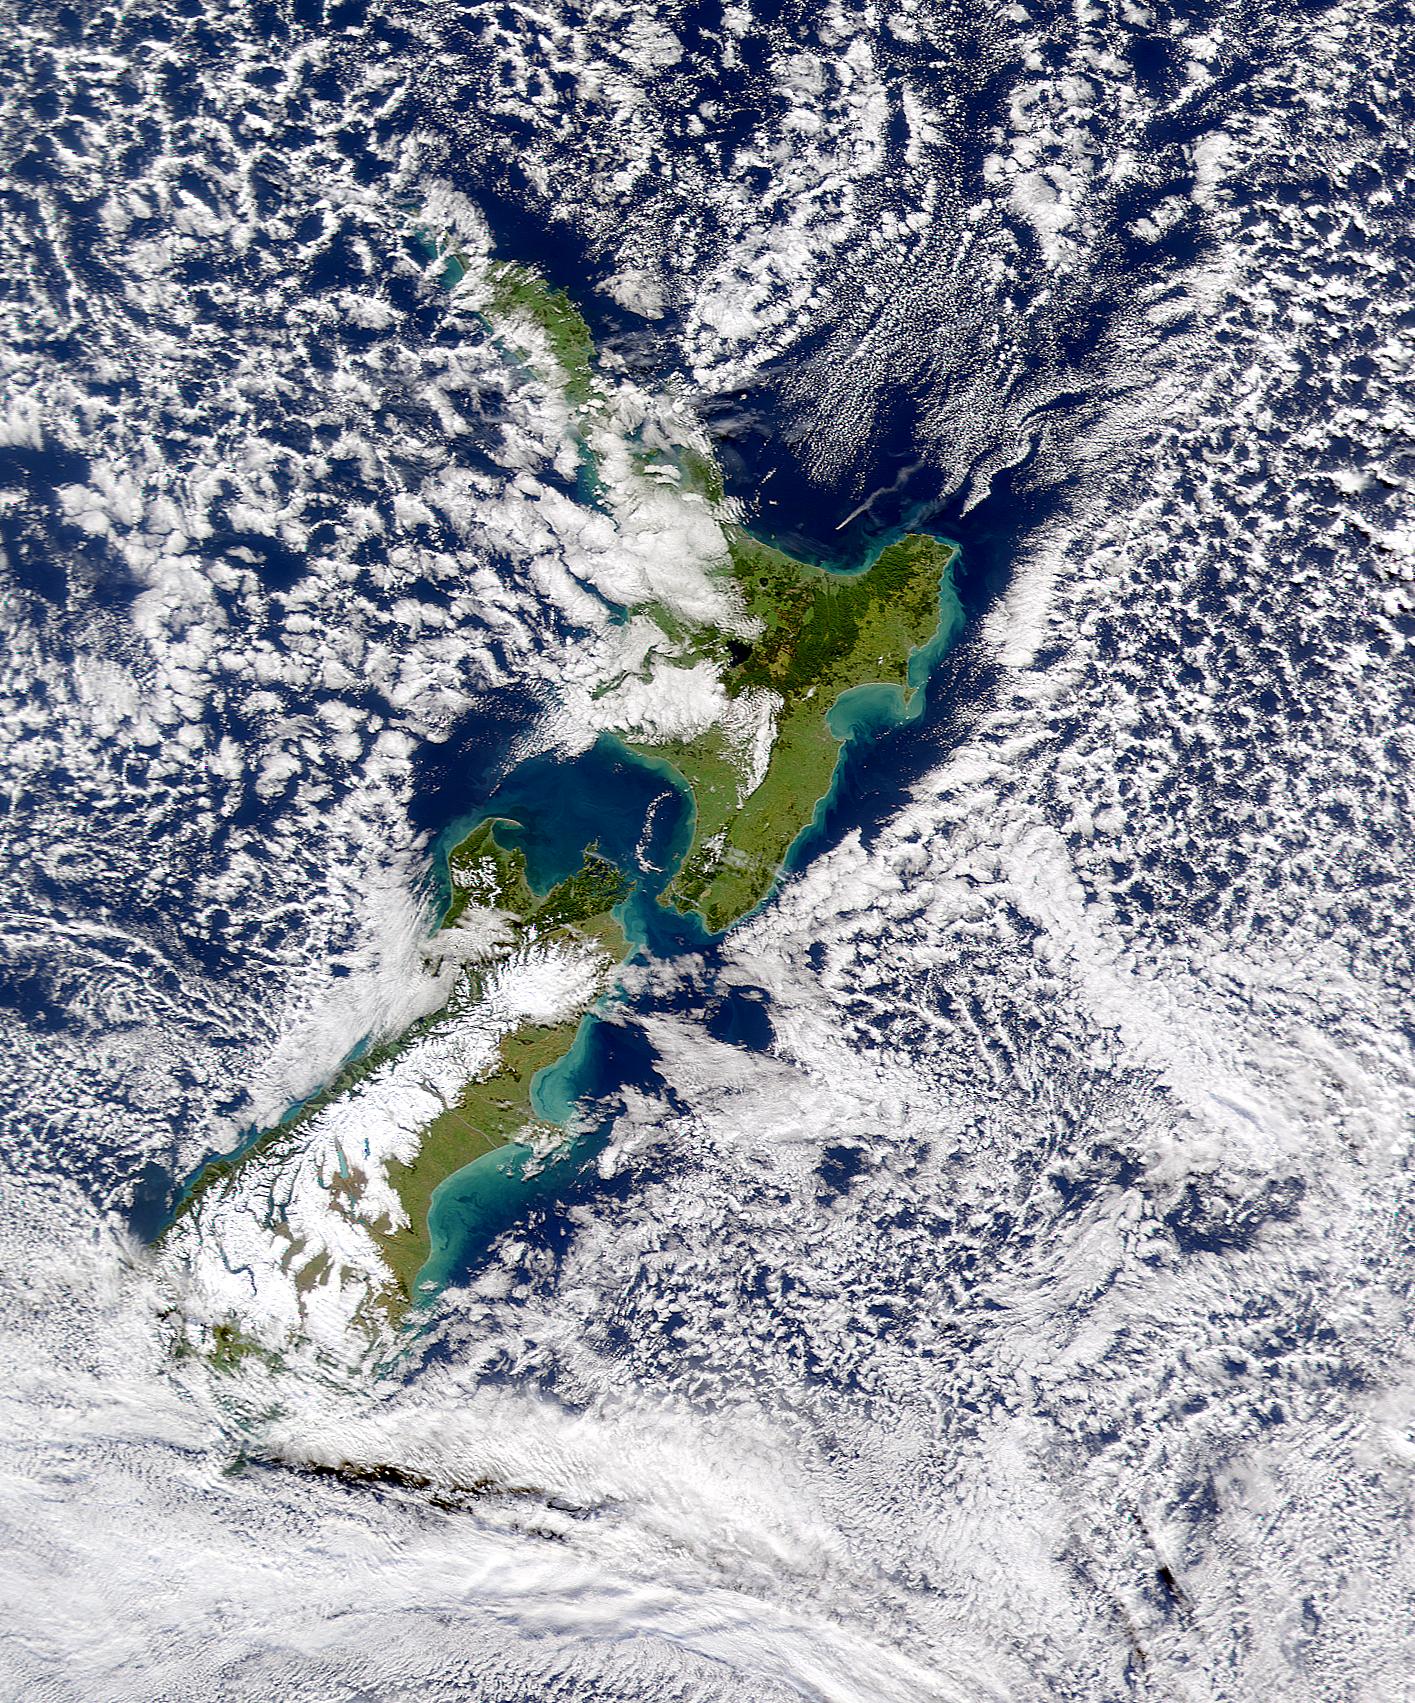 Whakaari/White Island Eruption Plume